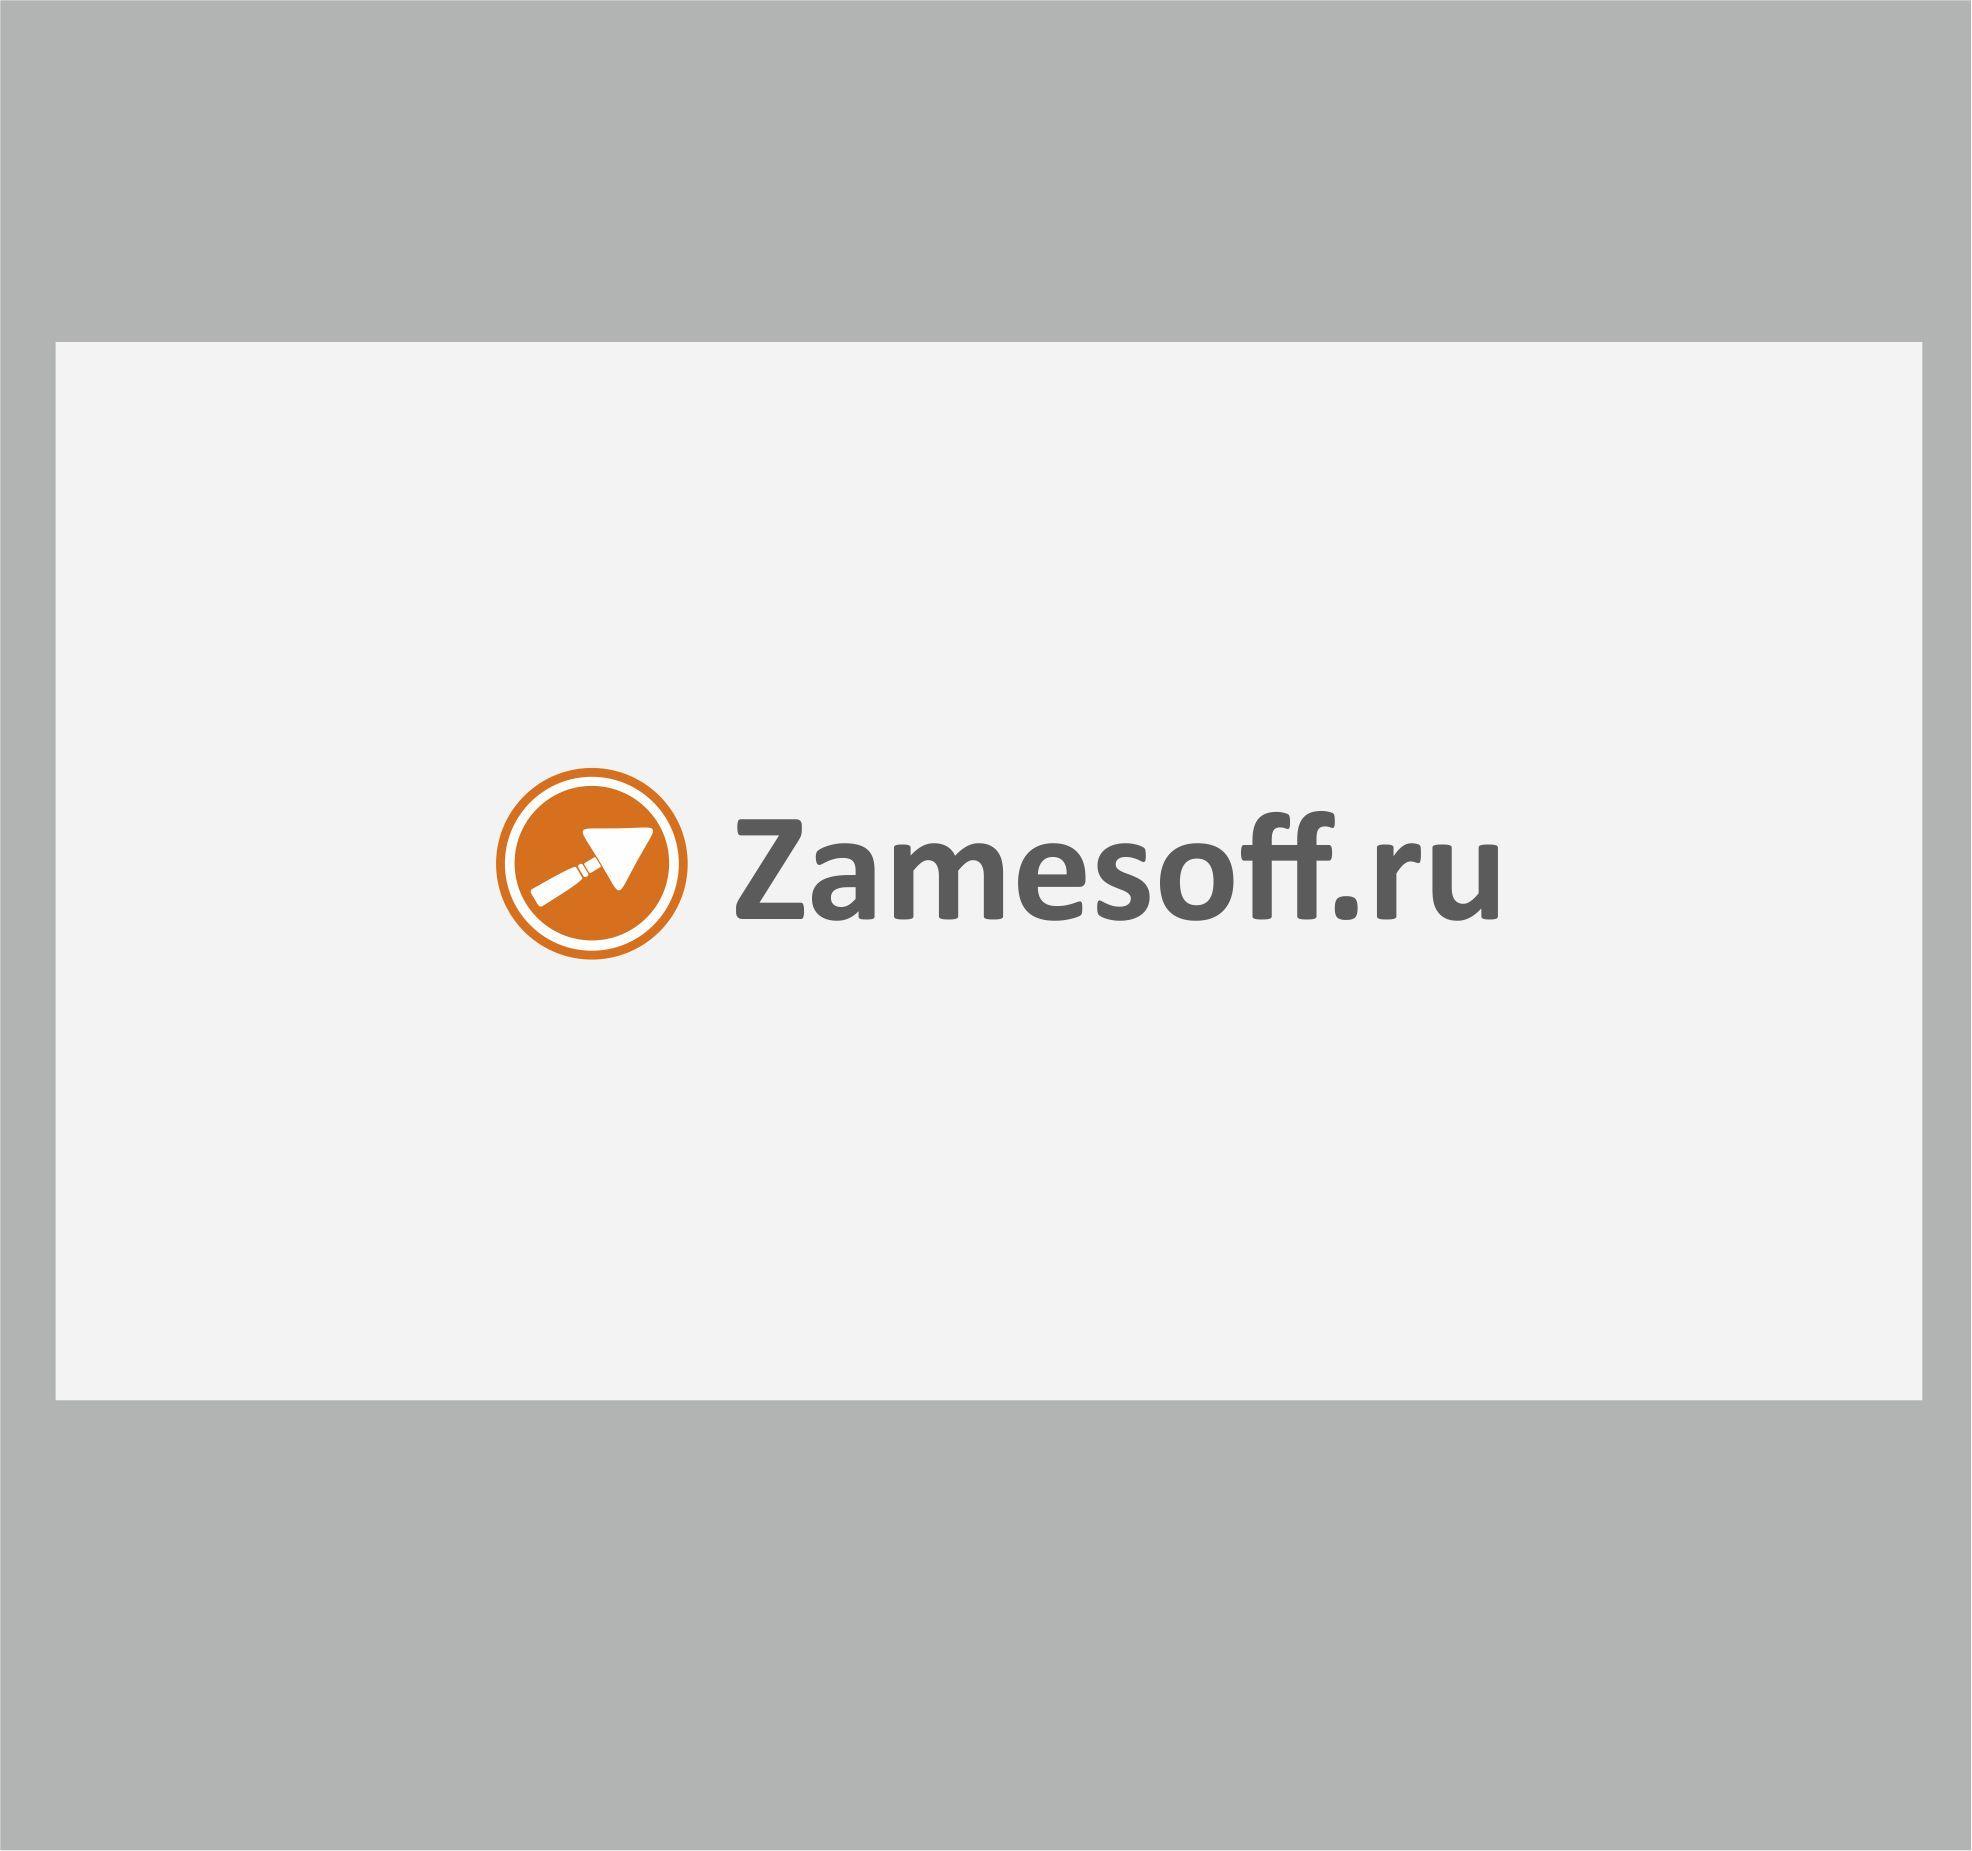 Лого для сервиса по поиску строительных материалов - дизайнер dbyjuhfl